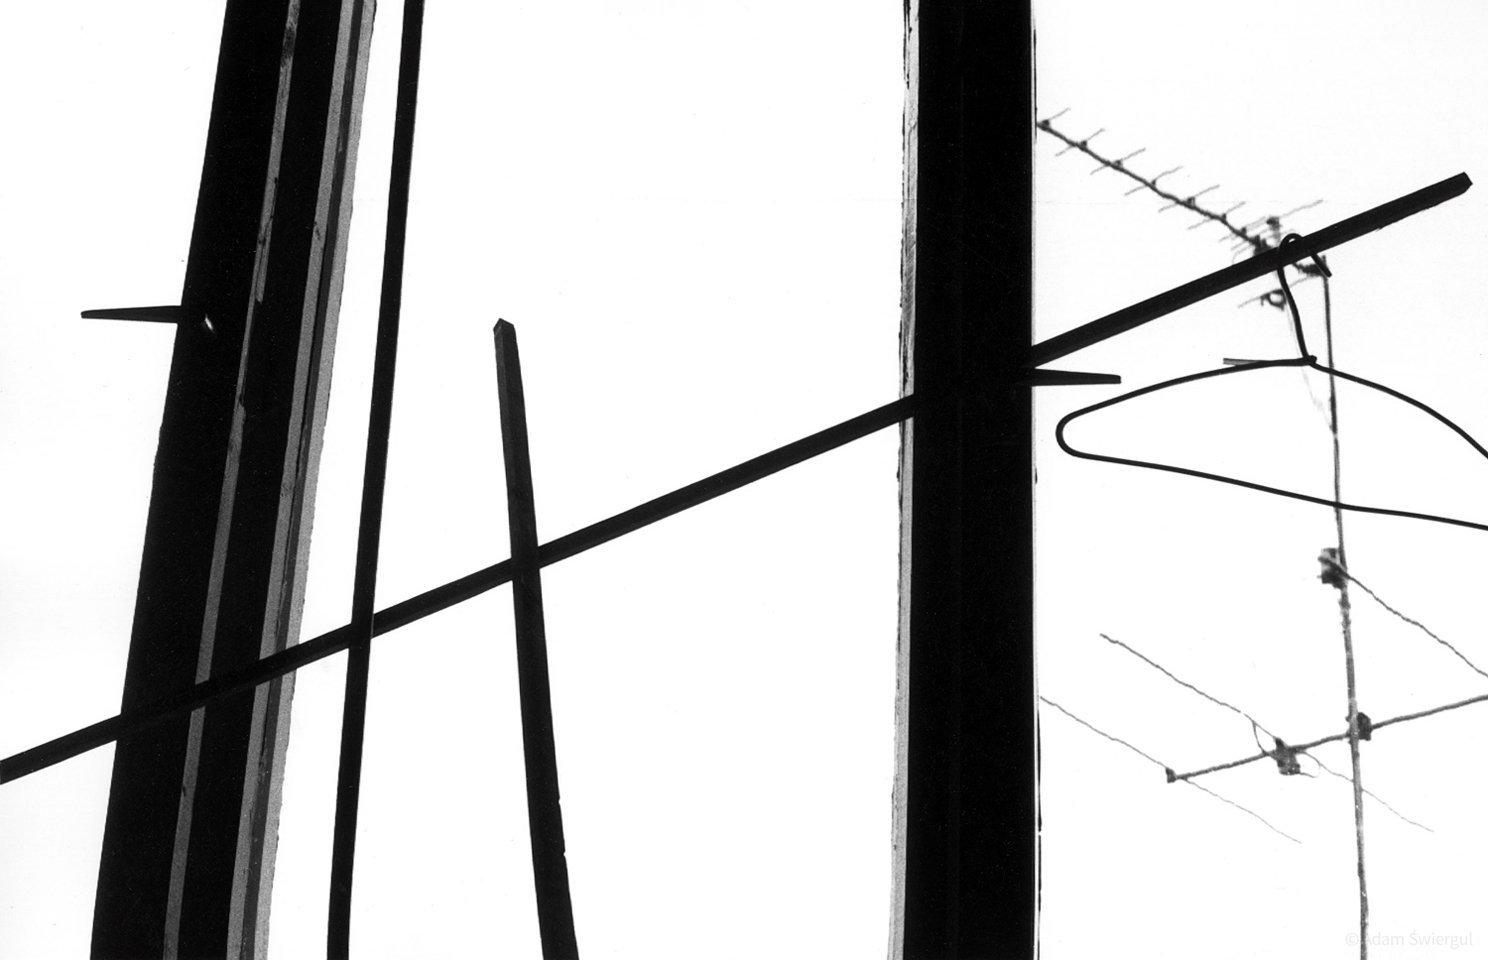 Okno, anteny, wieszak